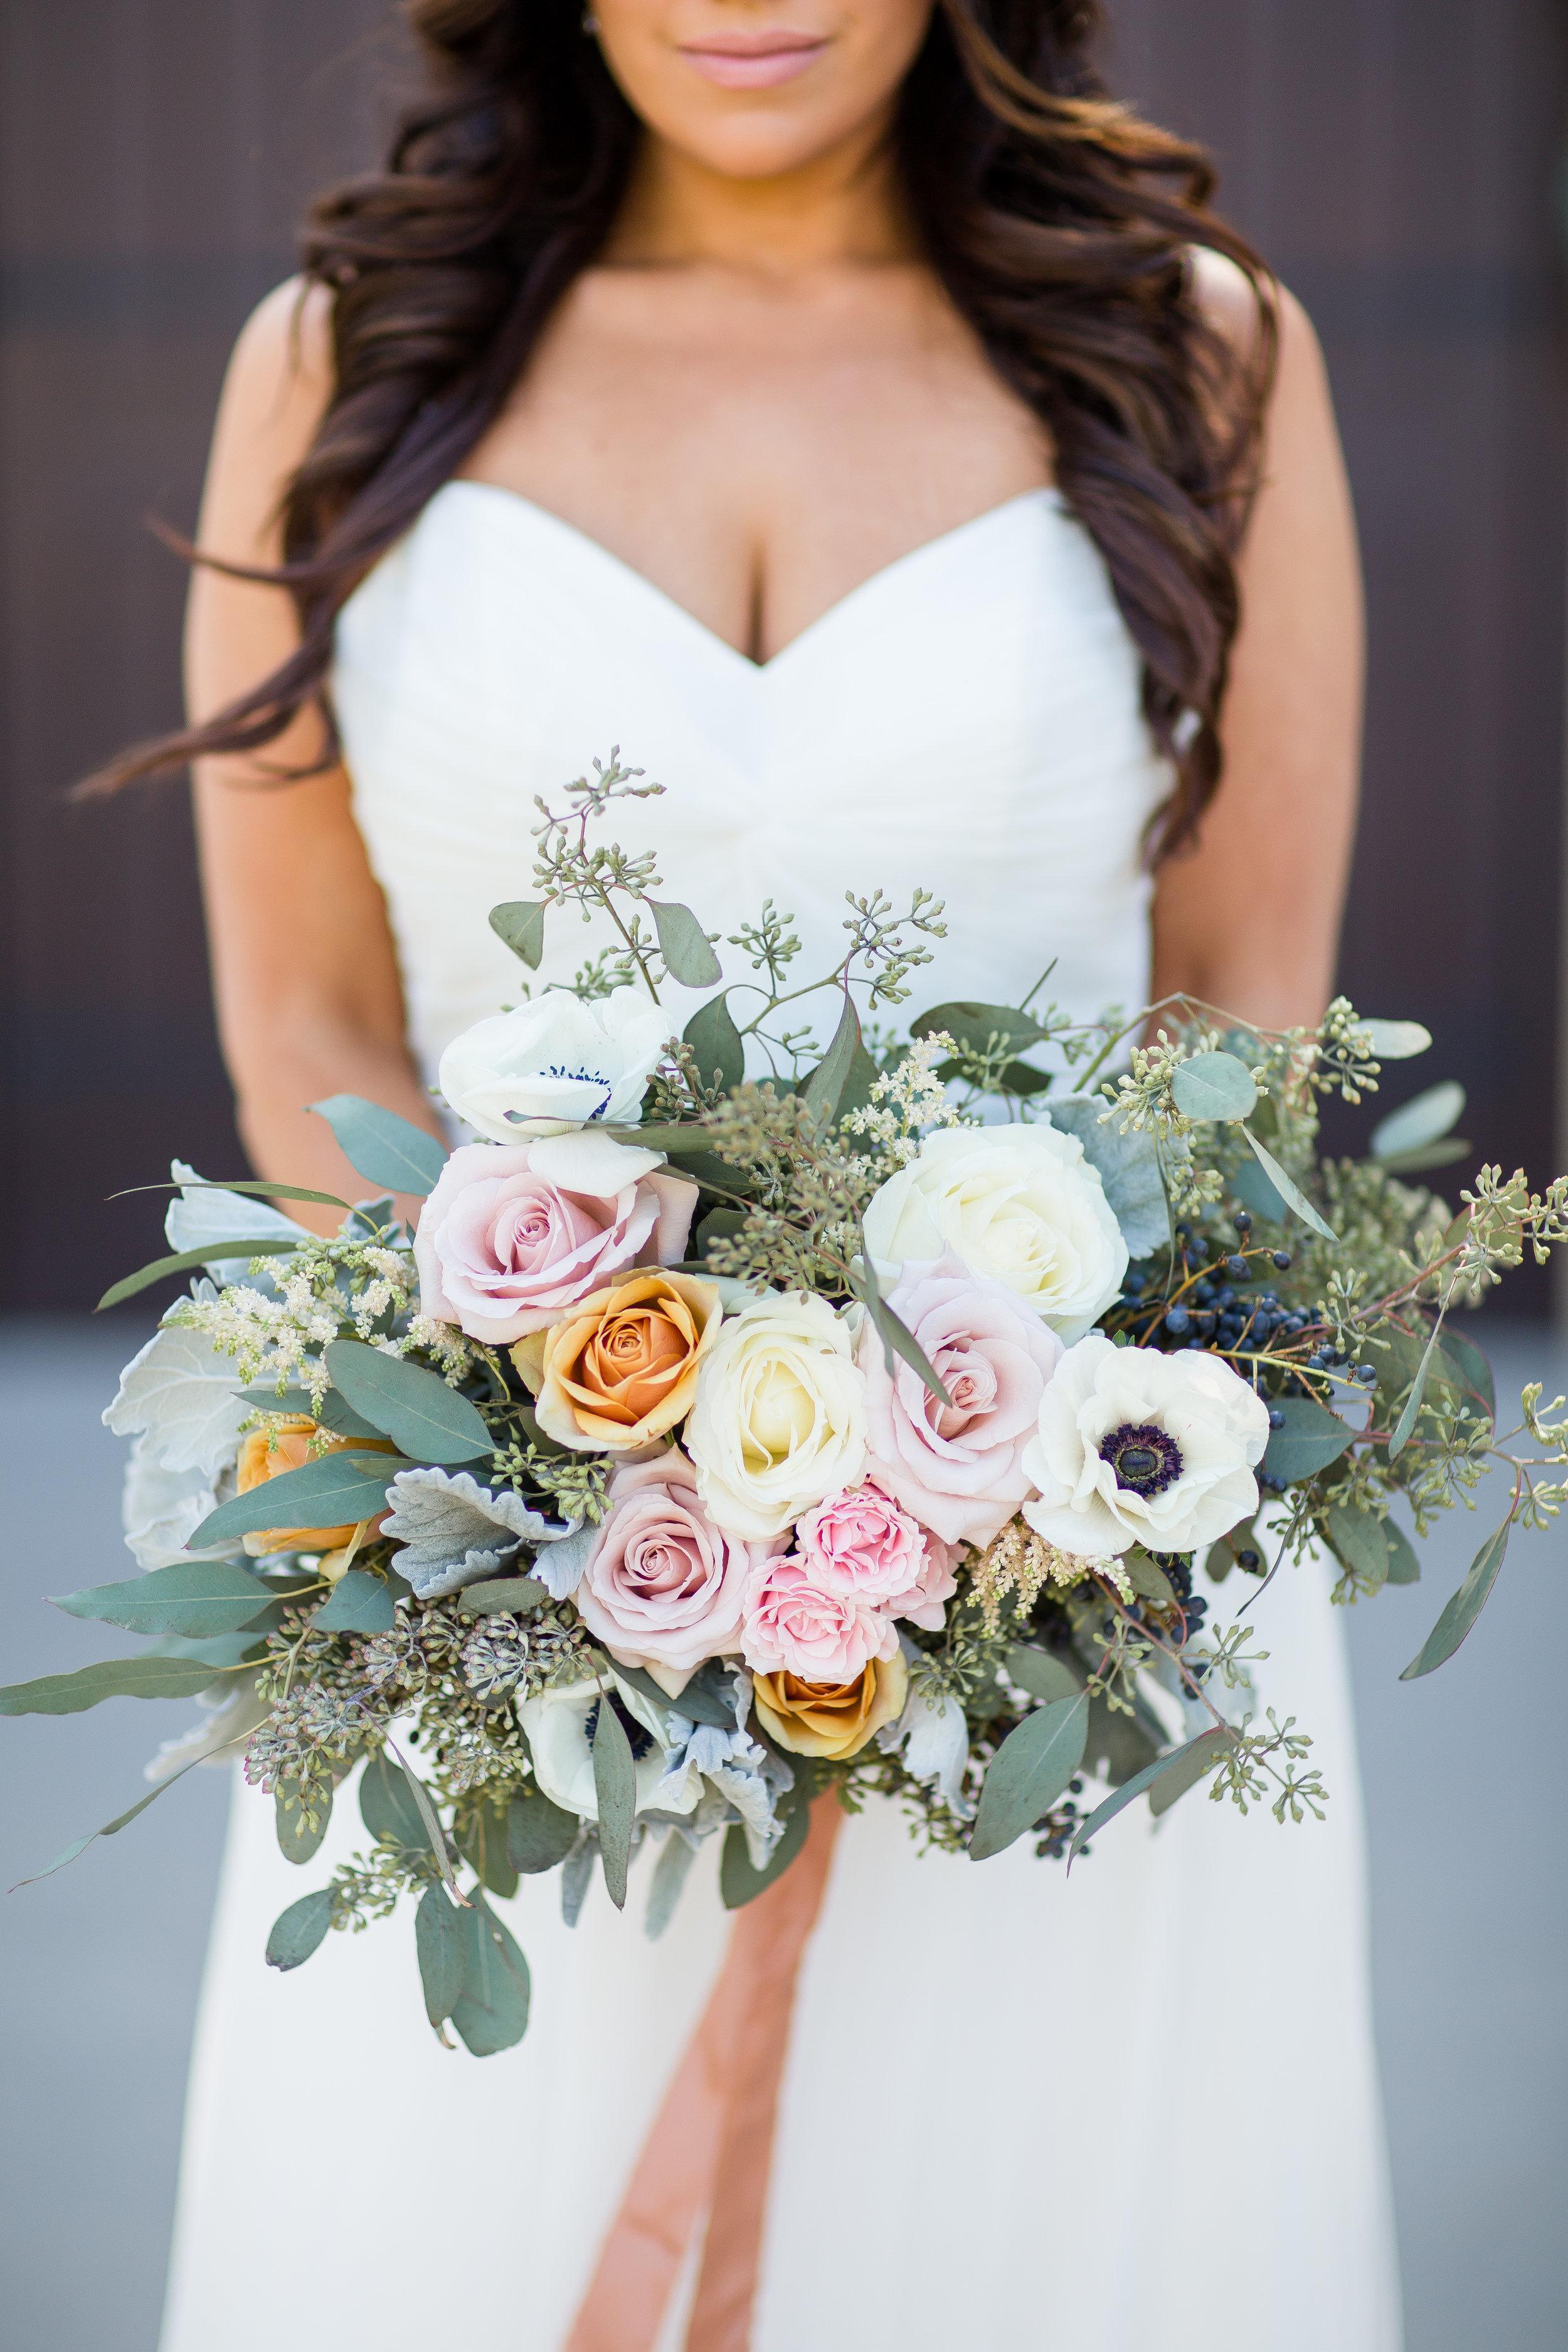 bouquet close up.jpg